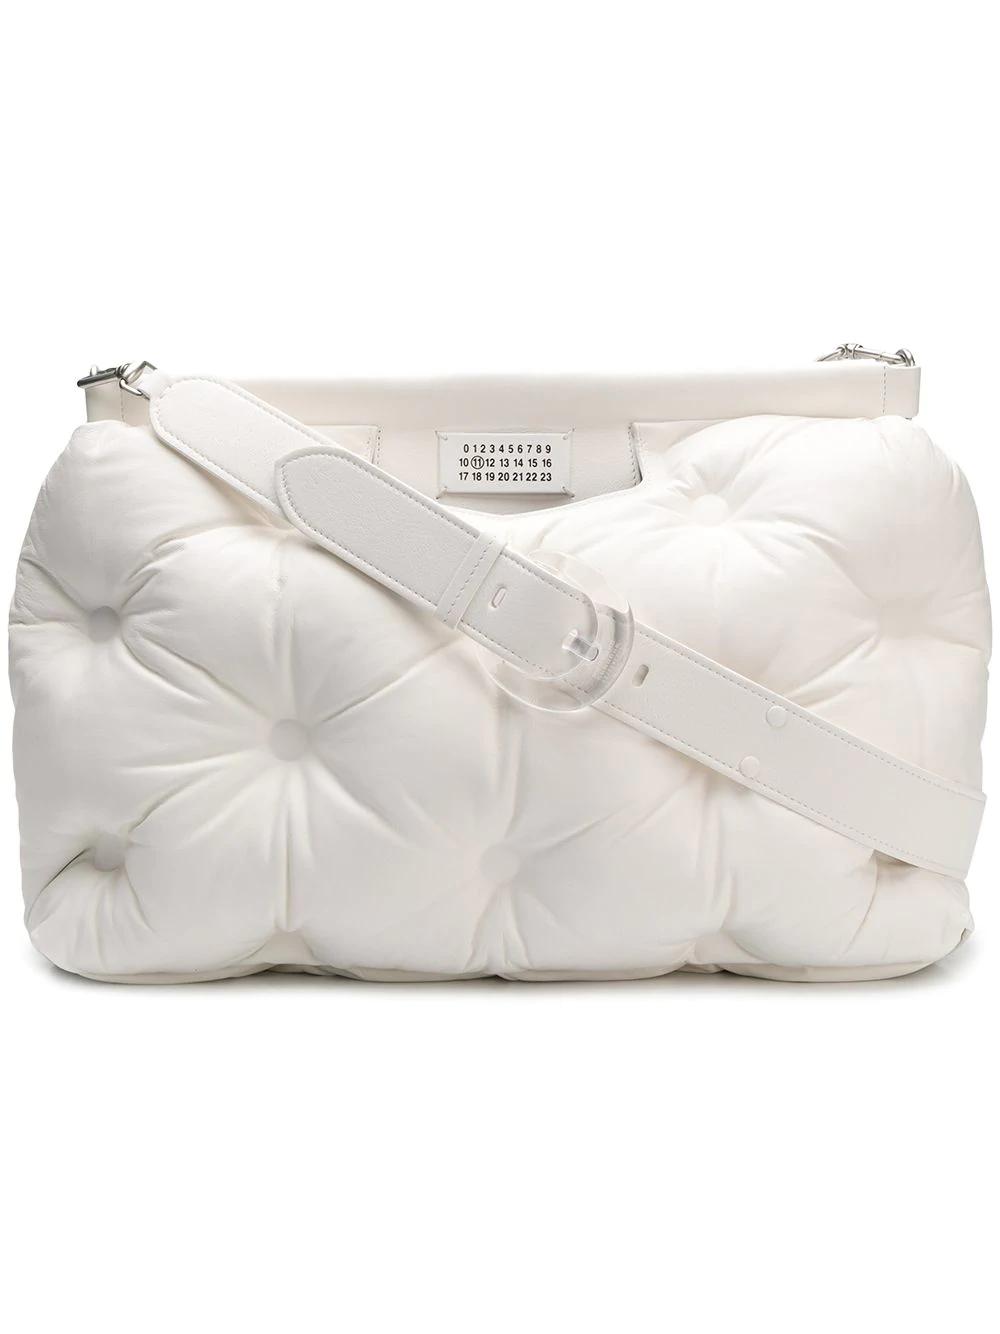 cb19f3561678 Maison Margiela Large Glam Slam Bag - White In T1003 White | ModeSens